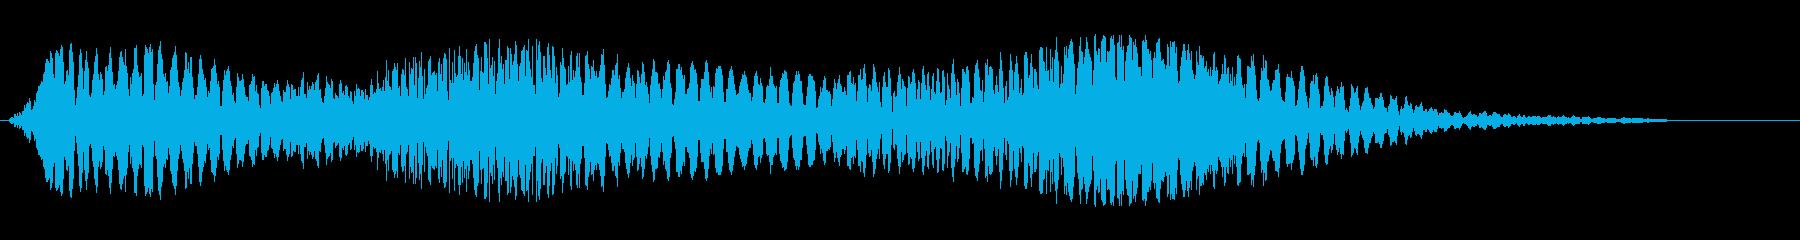 ドューウォーンというジングル向きの音源の再生済みの波形